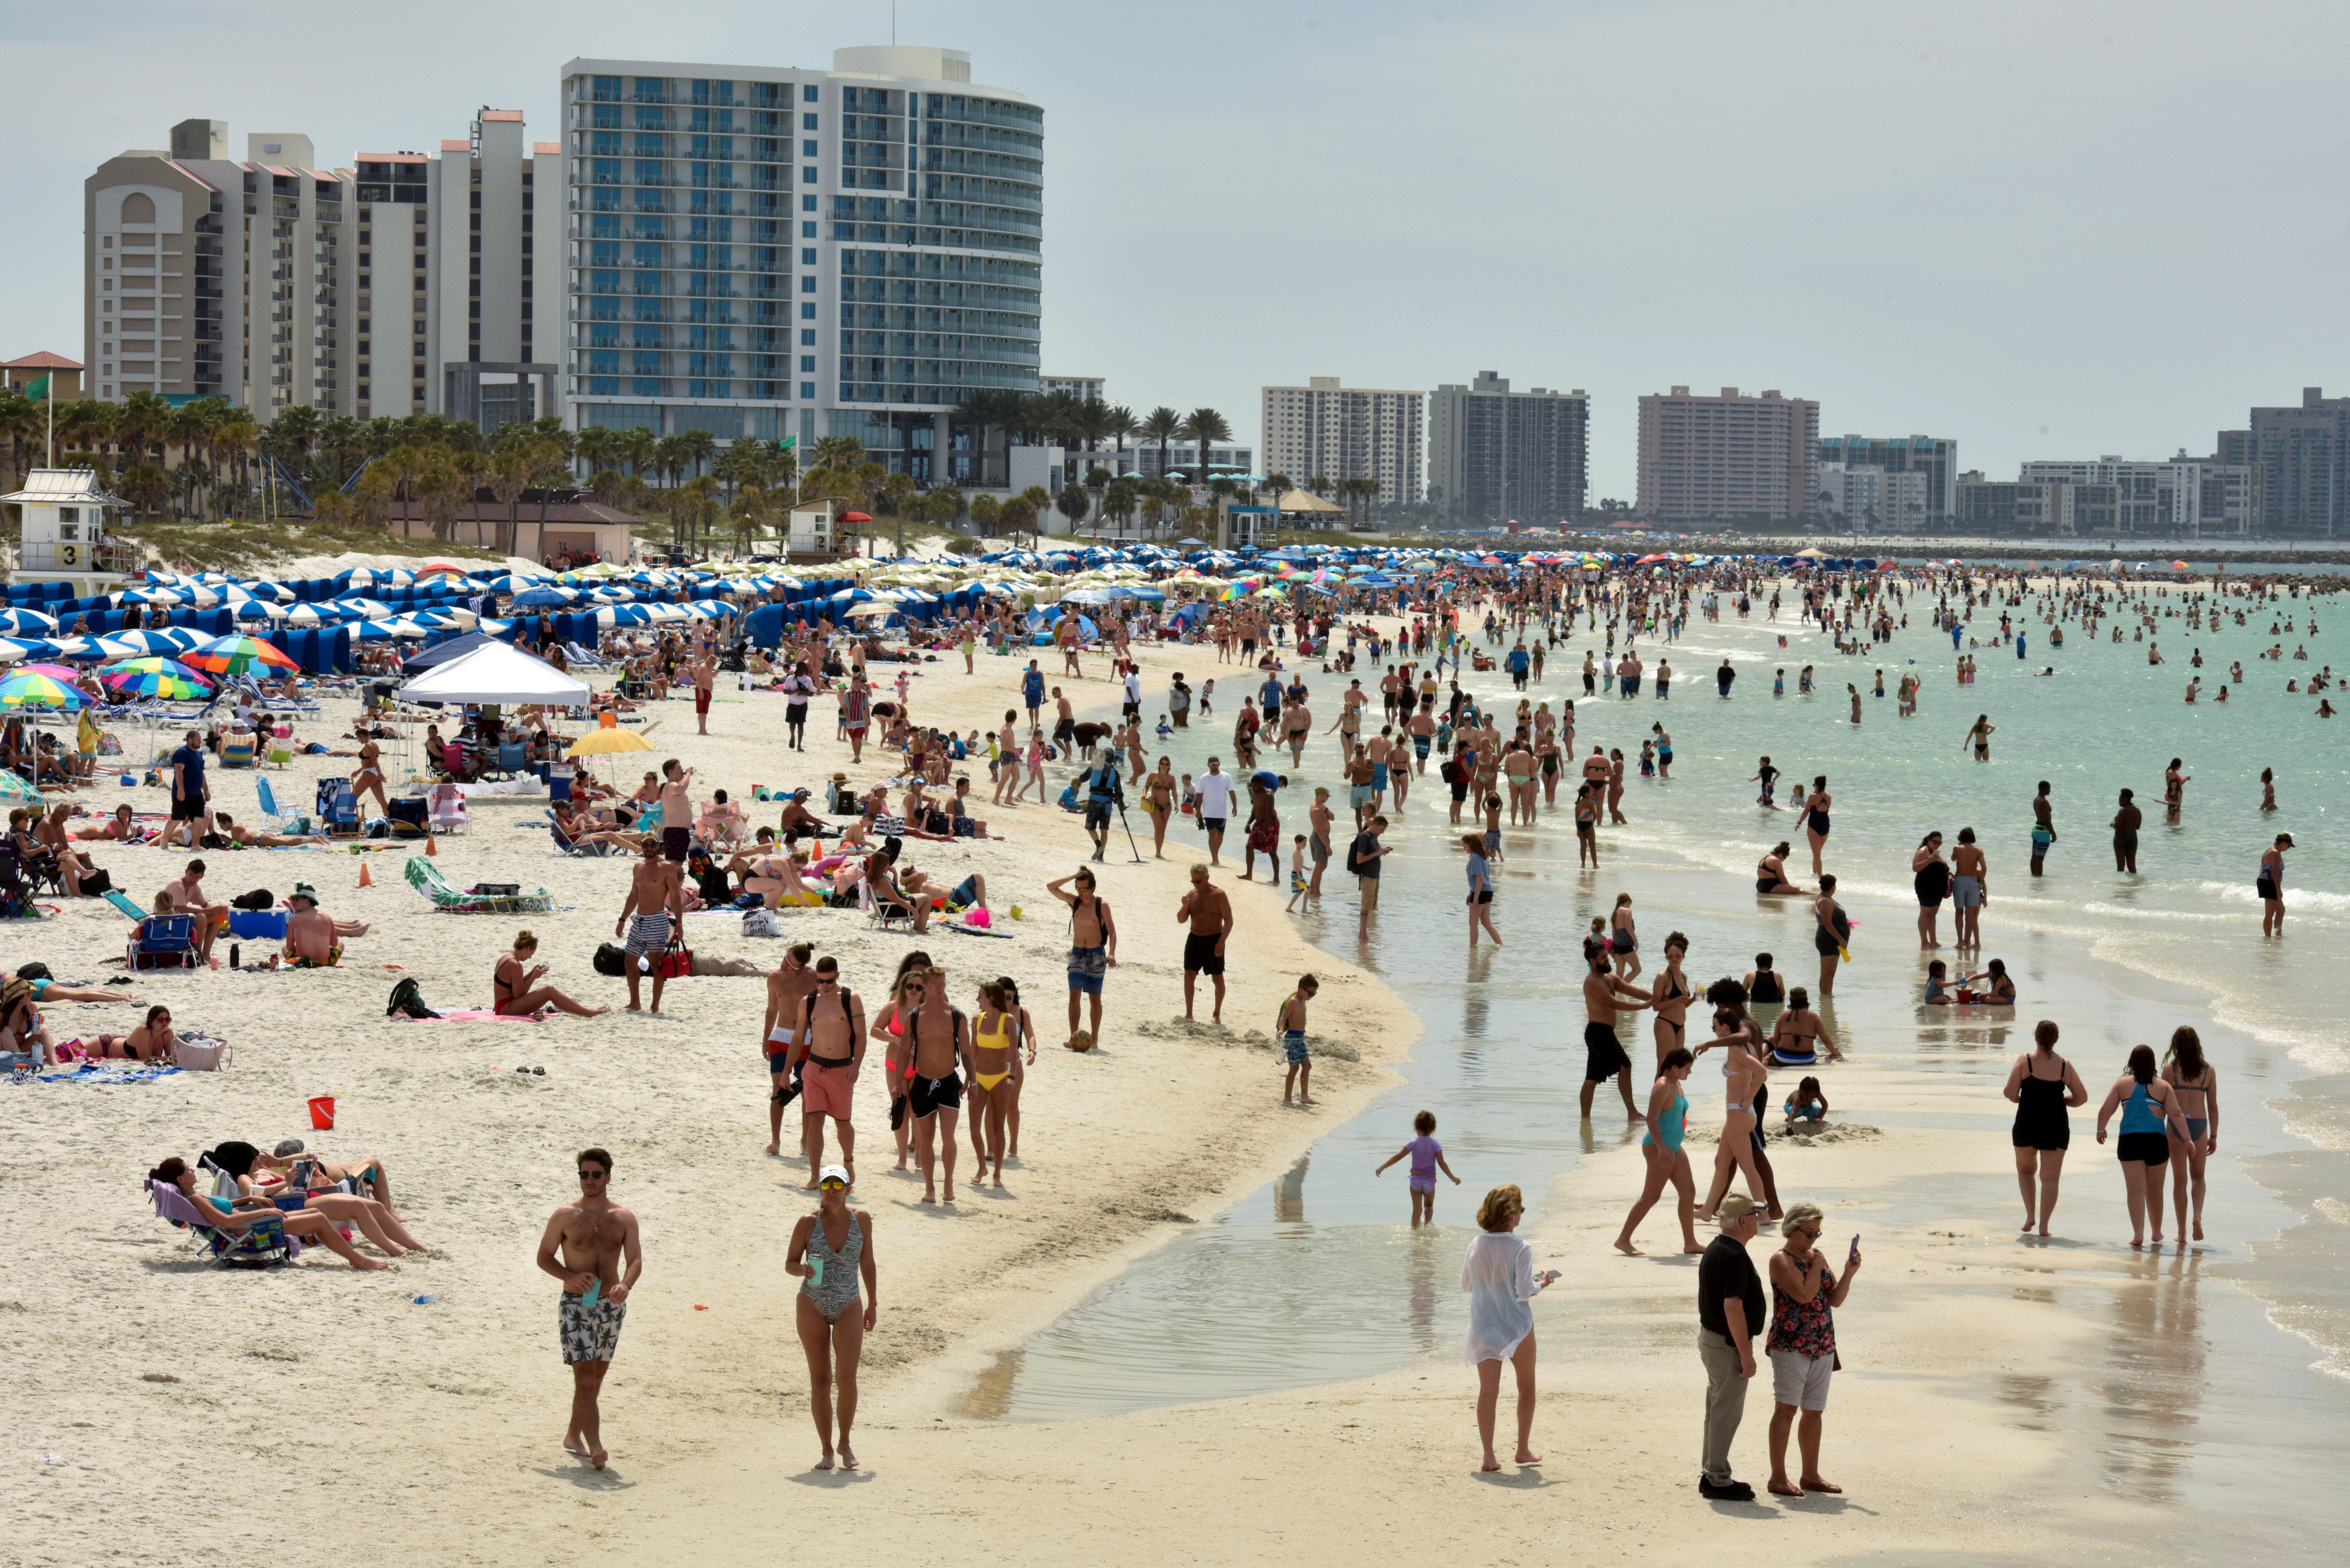 Aunque la mayoría de presentes en las playas eran jóvenes, se vio a gente de toda edad (Reuters)